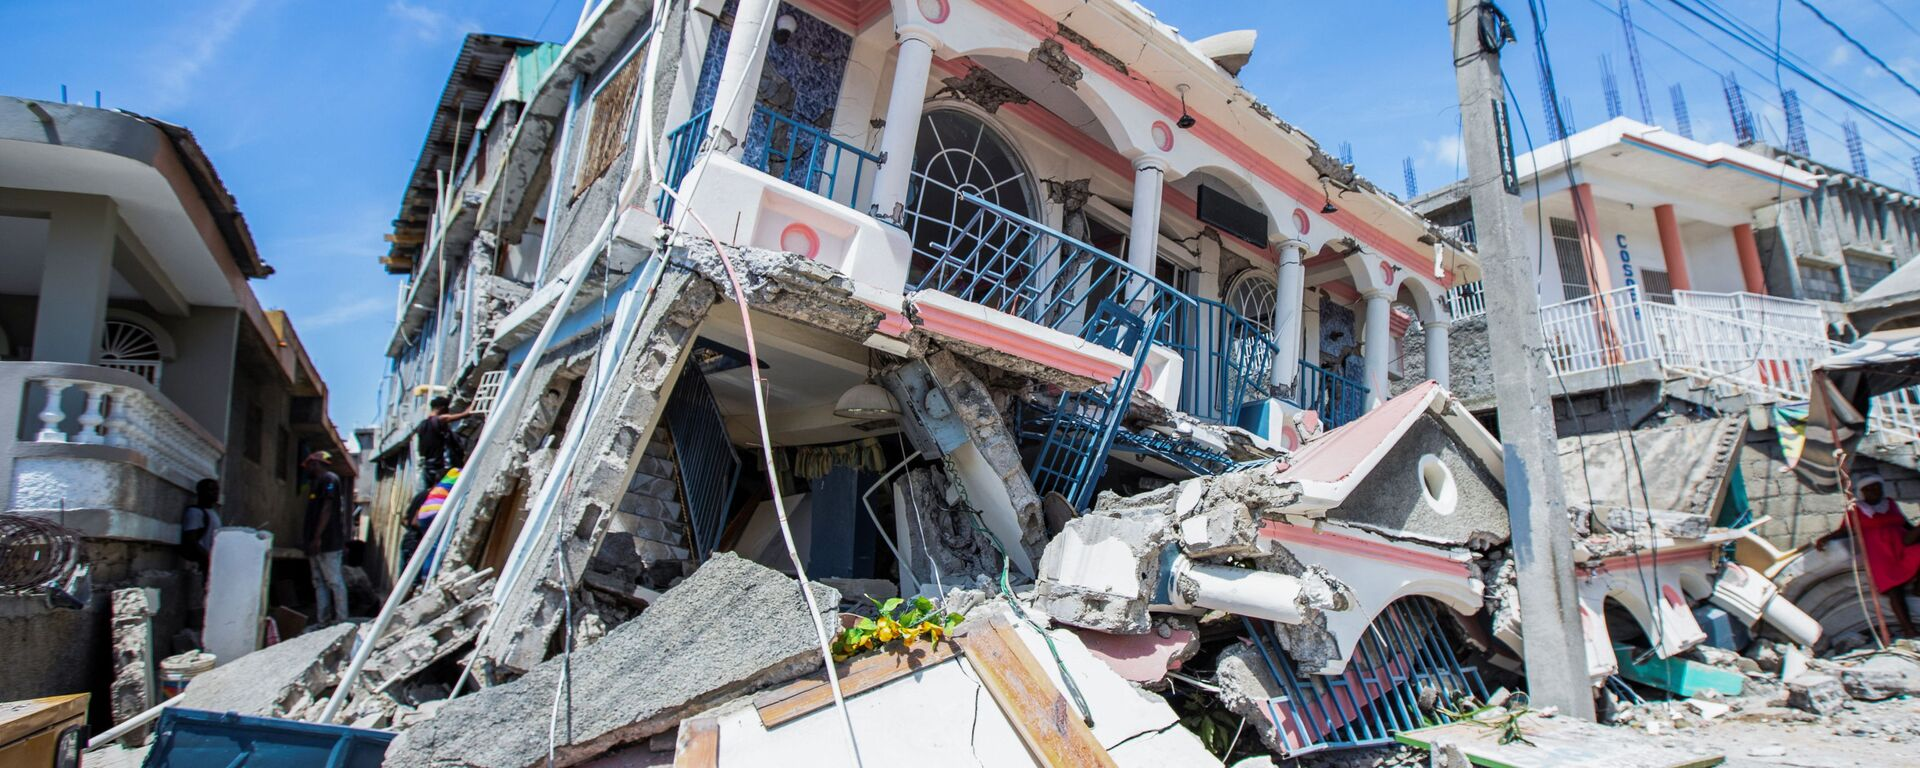 Последствия мощного землетрясения на Гаити  - Sputnik Italia, 1920, 15.08.2021